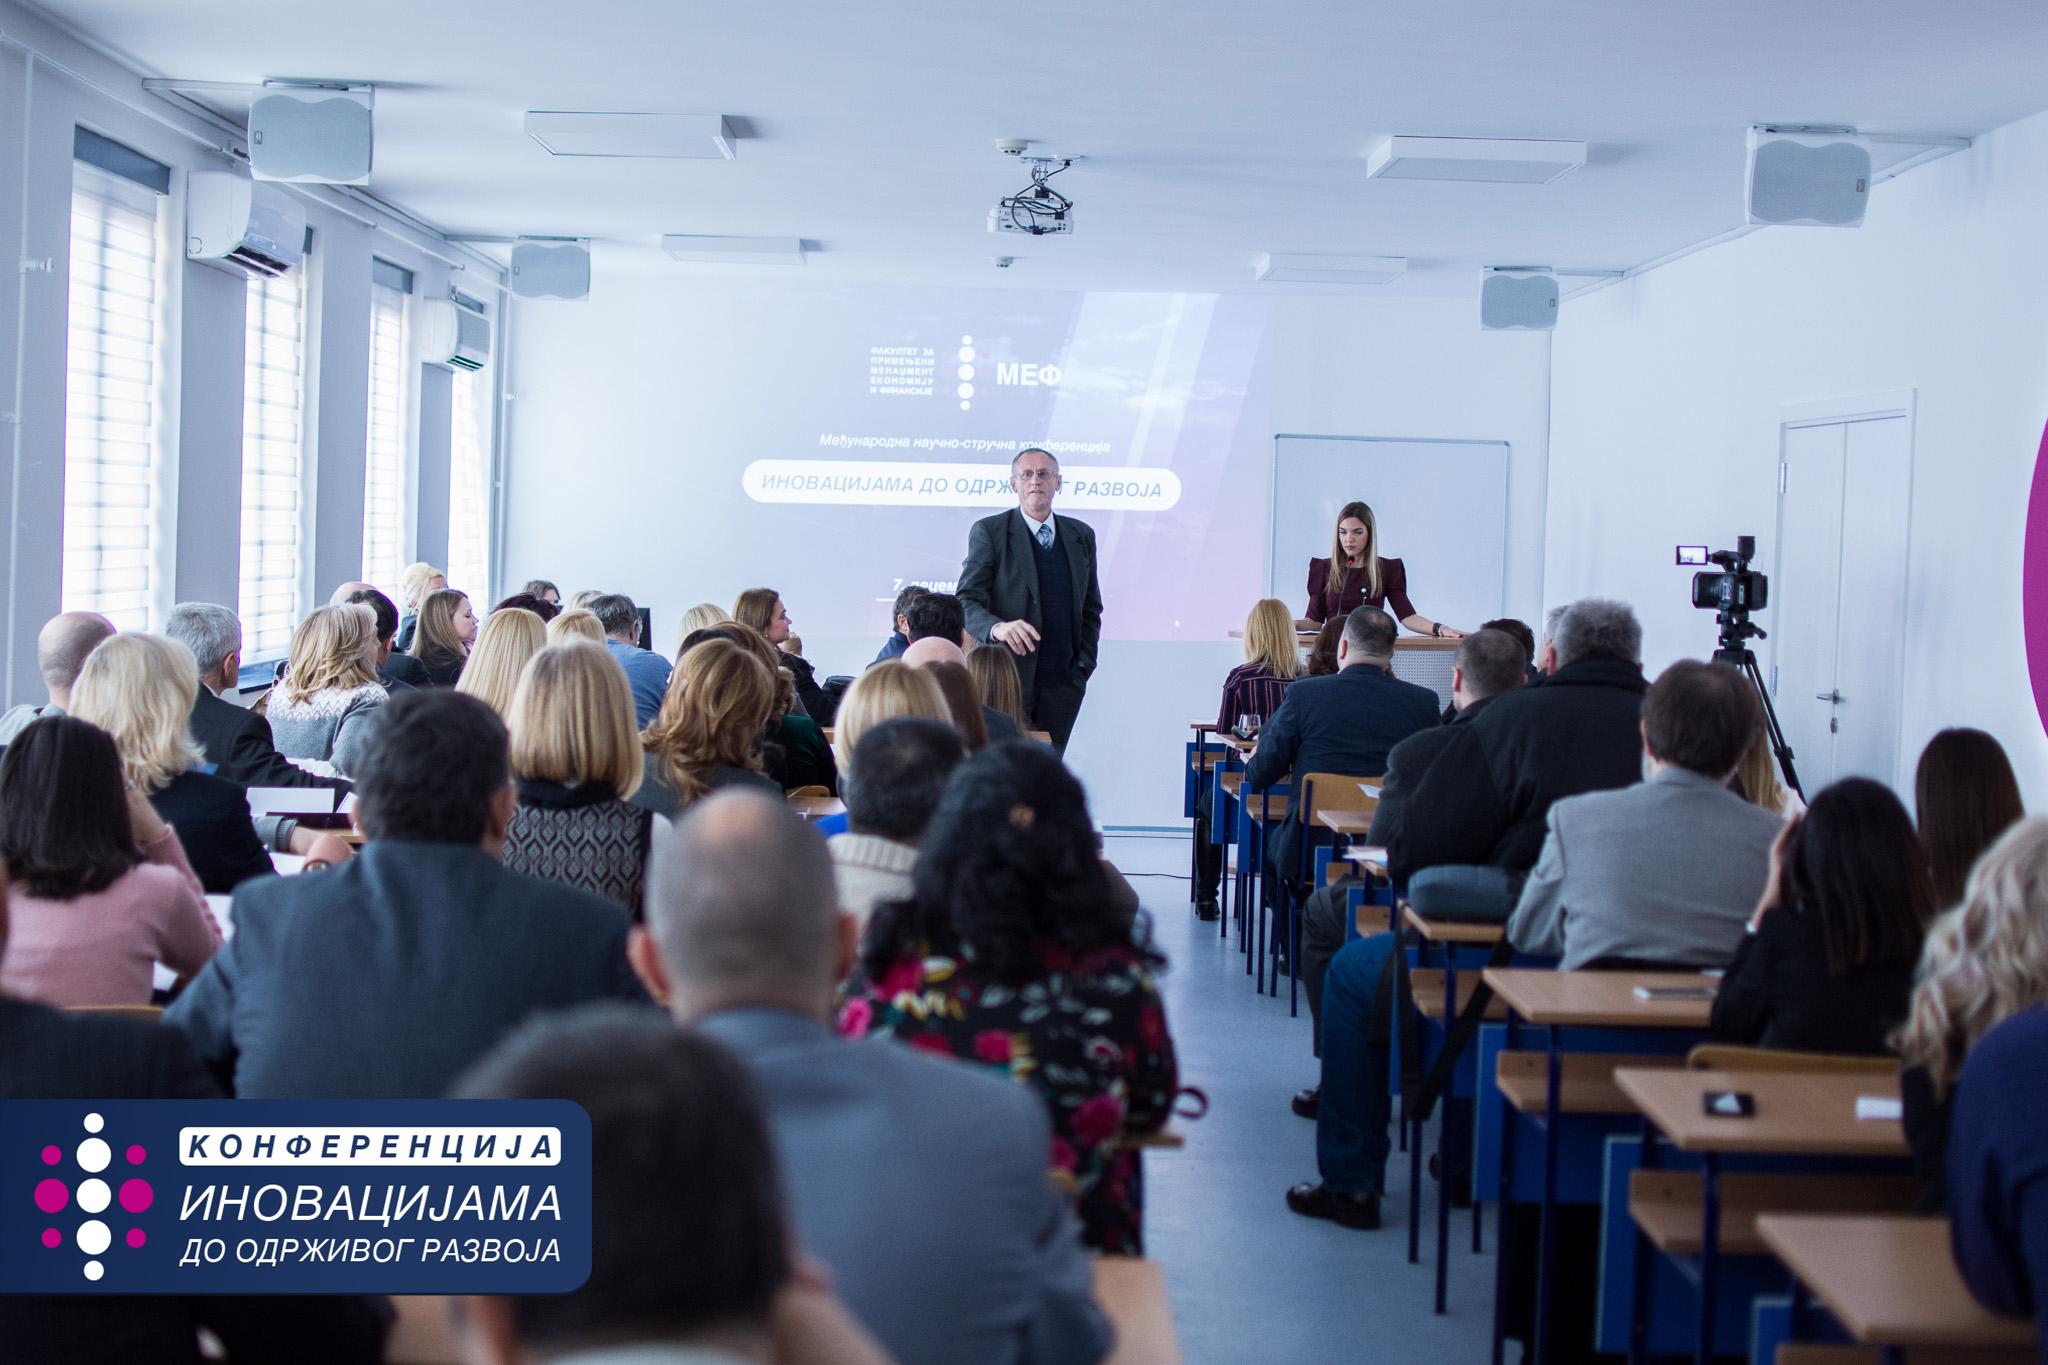 MEF Fakultet - izvestaj sa konferencije 31